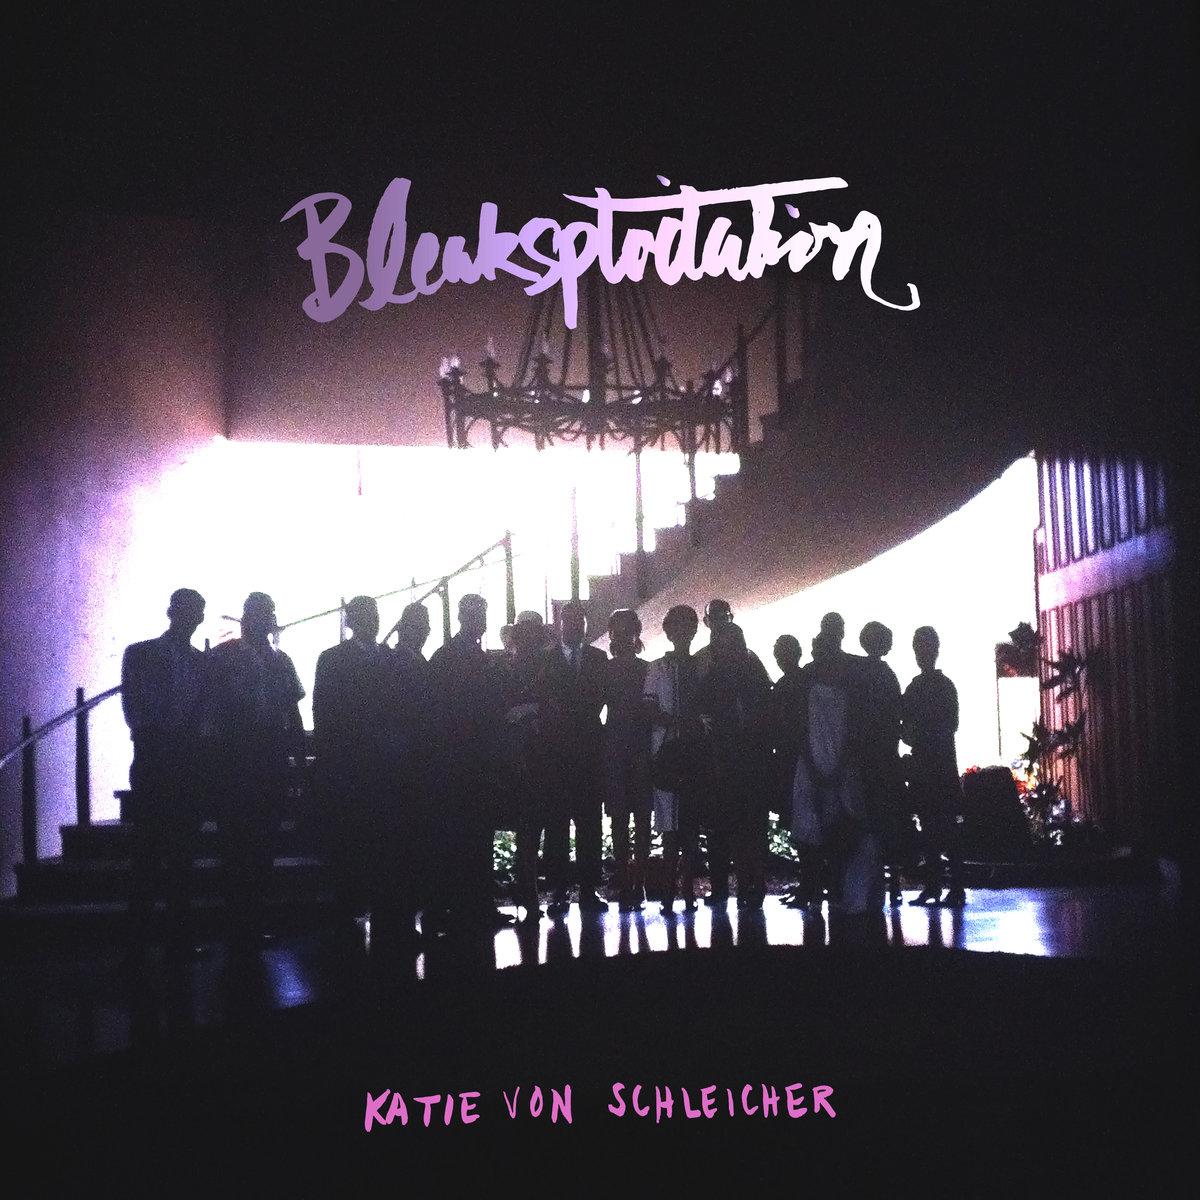 Bleaksploitation / Katie Von Schleicherのジャケット